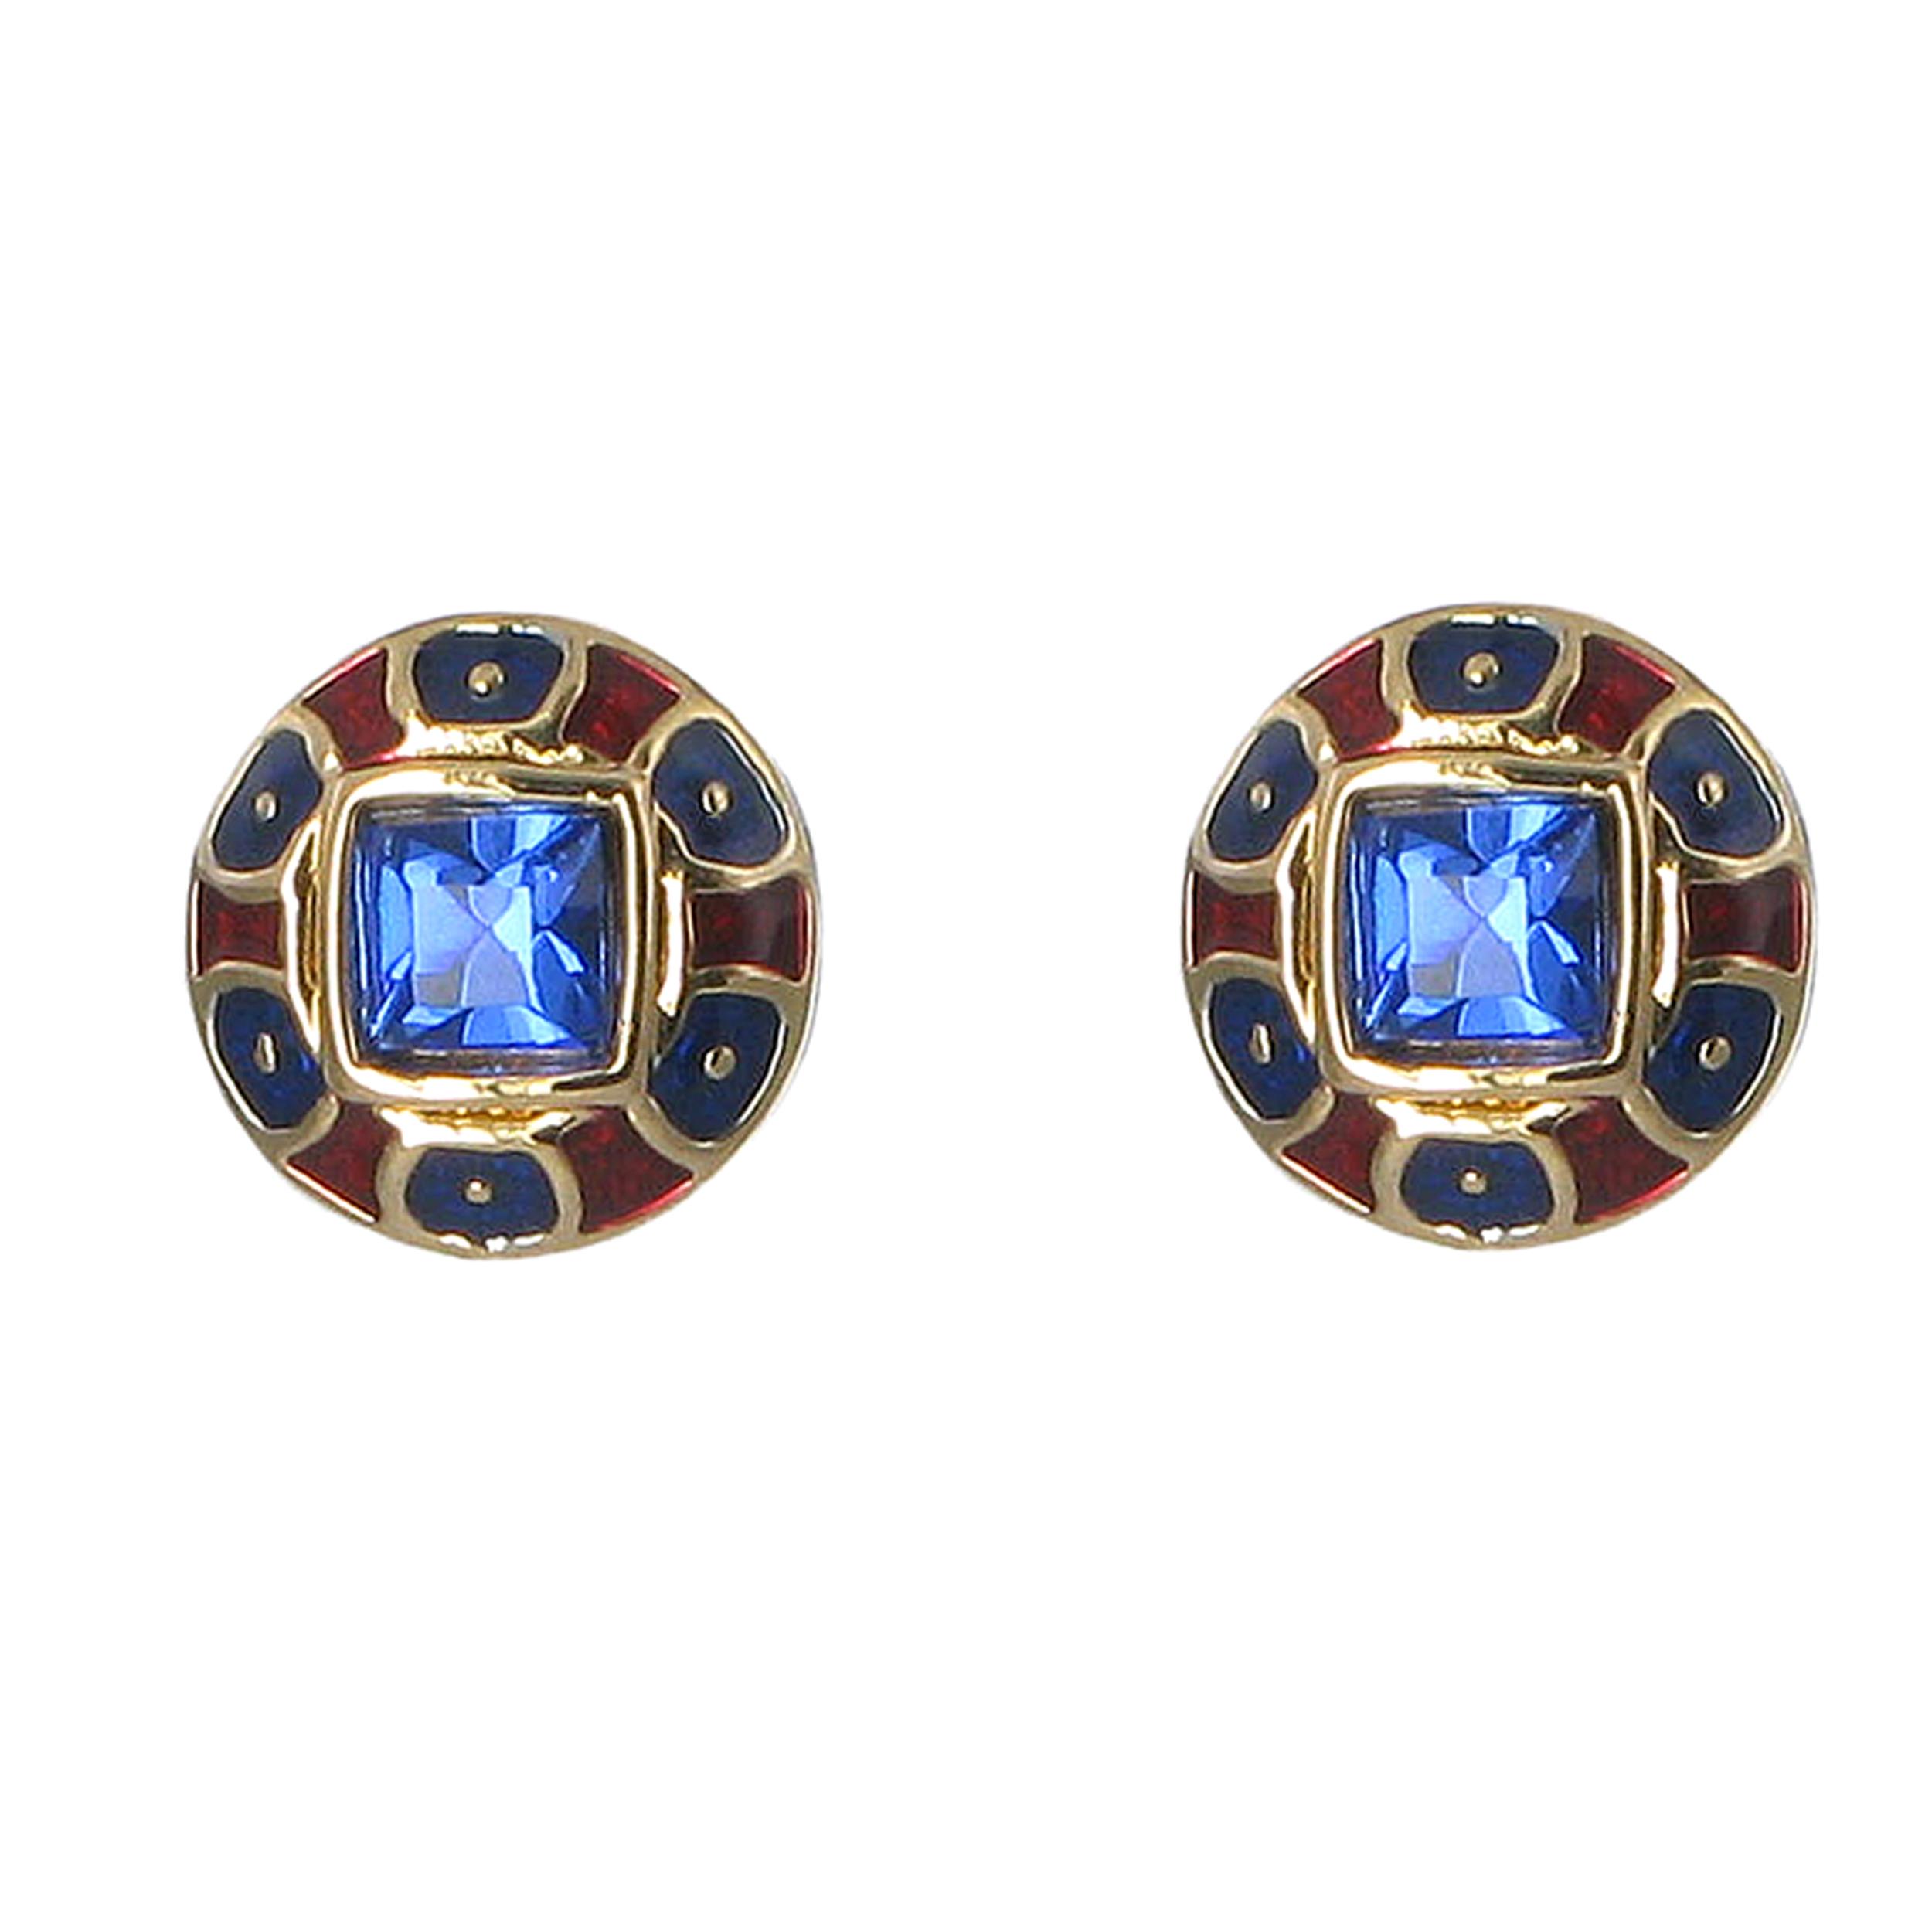 Classical carnelian stud earrings